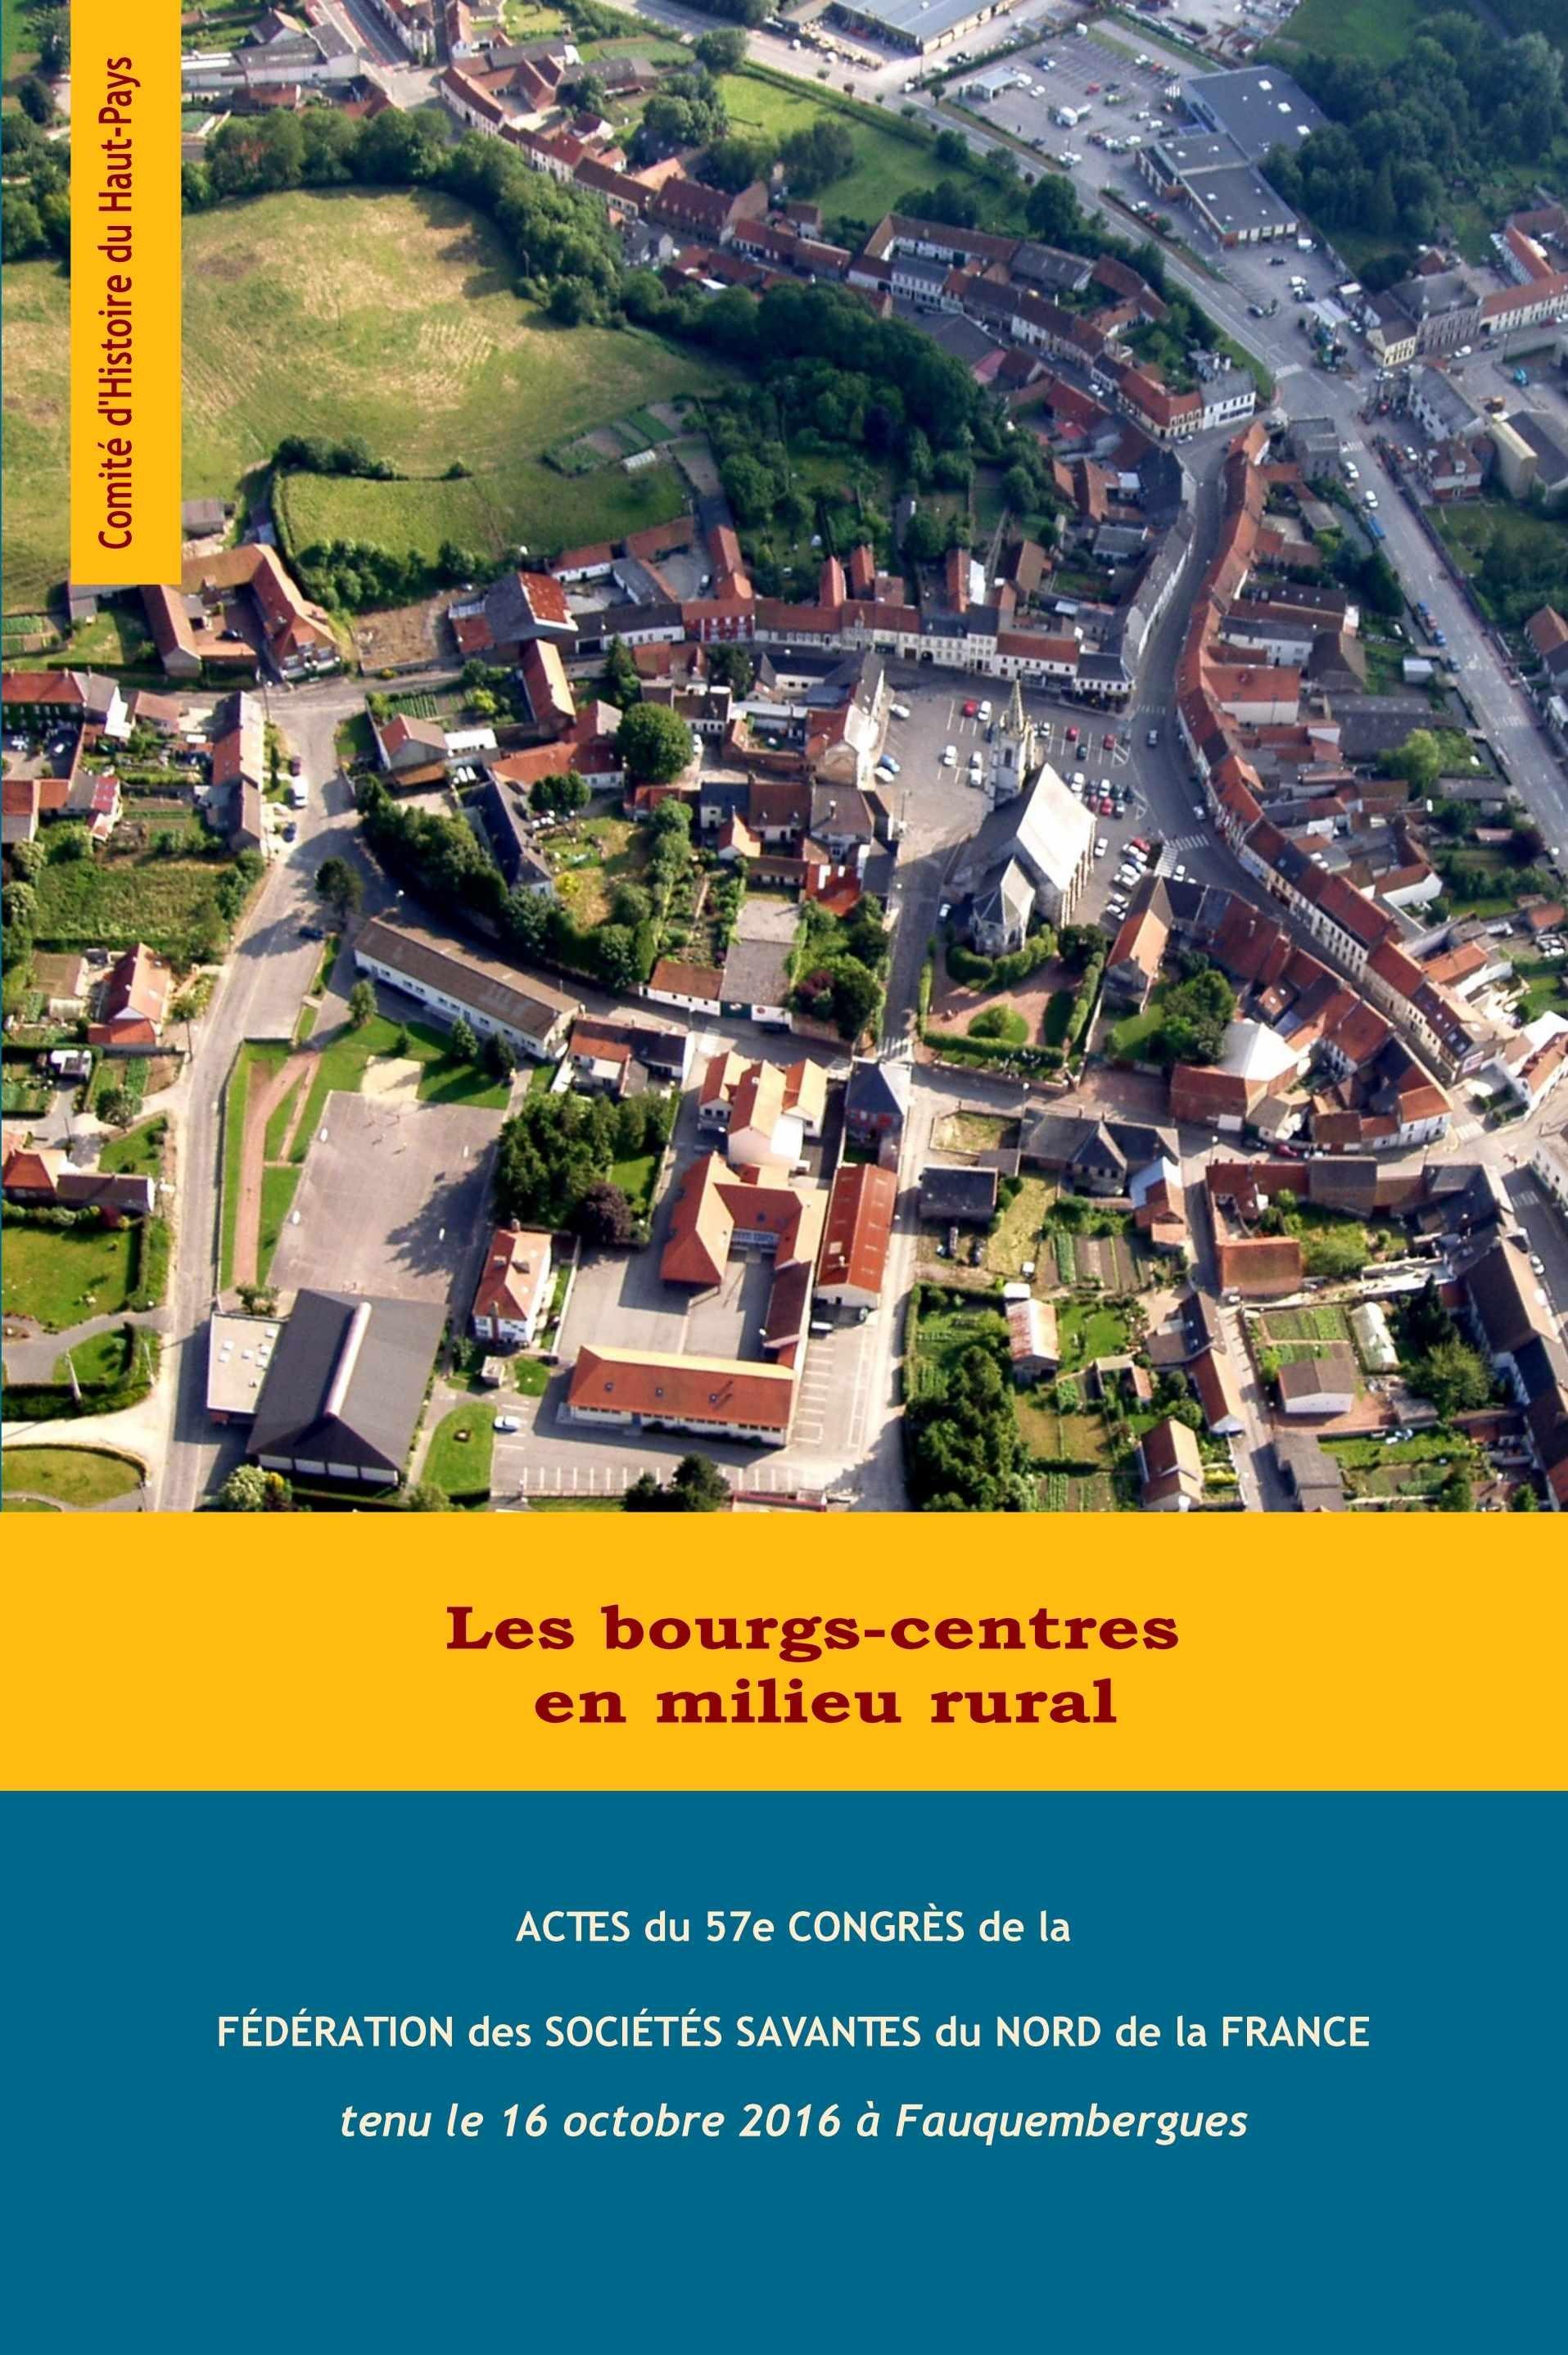 Les bourgs-centres en milieu rural